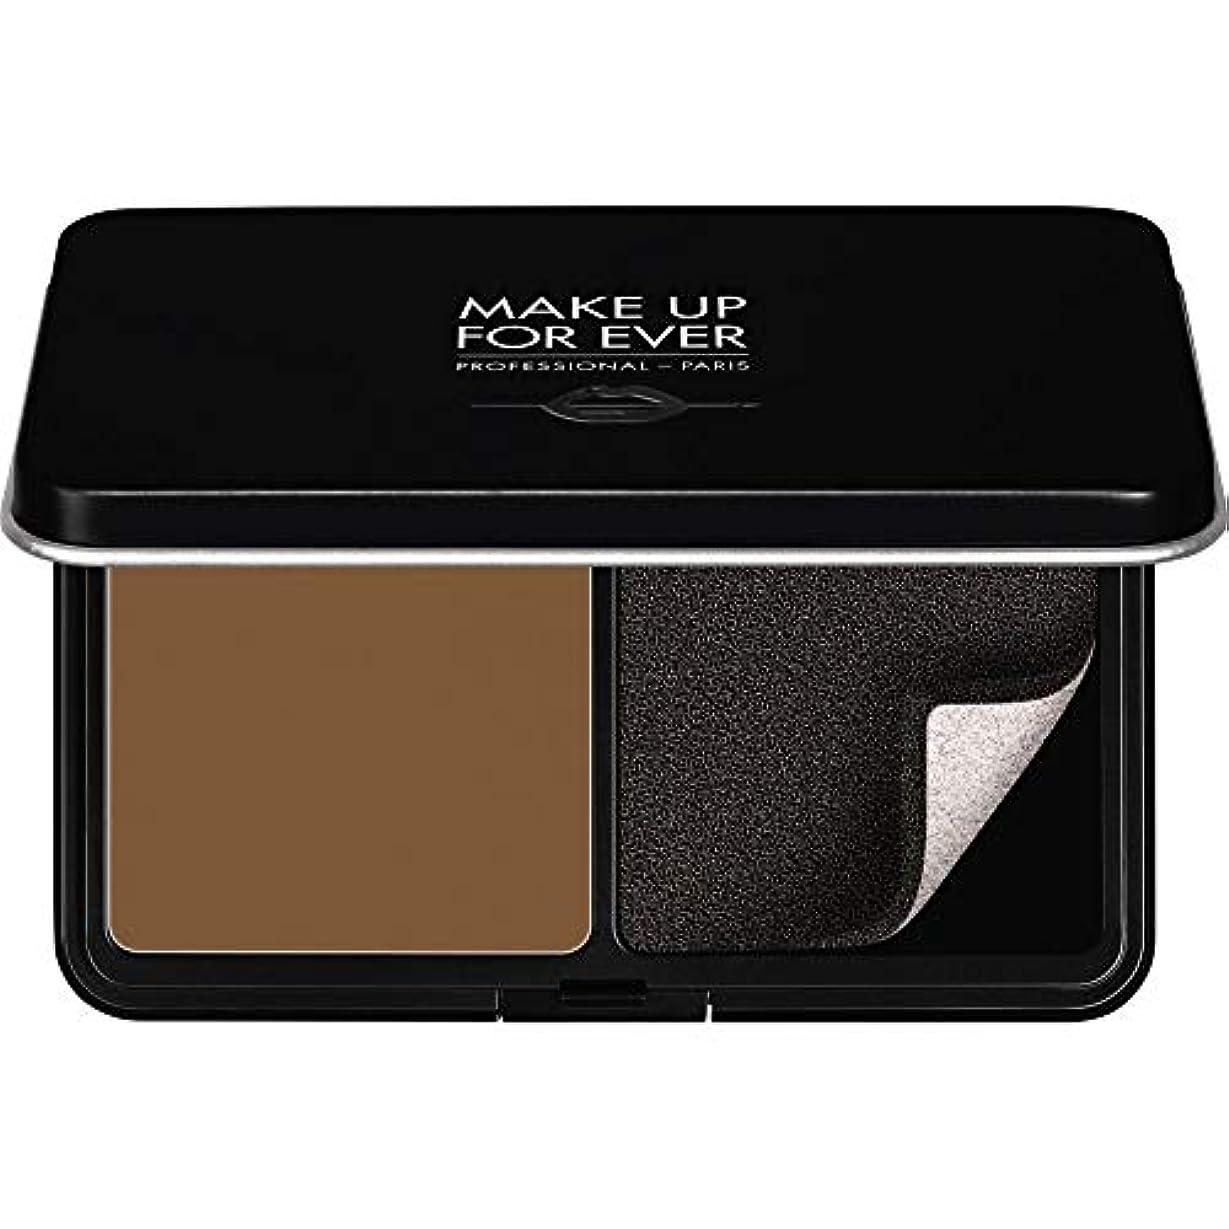 こどもの宮殿下向きテクニカル[MAKE UP FOR EVER] パウダーファンデーション11GののR540をぼかし、これまでマットベルベットの肌を補う - ダークブラウン - MAKE UP FOR EVER Matte Velvet Skin Blurring Powder Foundation 11g R540 - Dark Brown [並行輸入品]